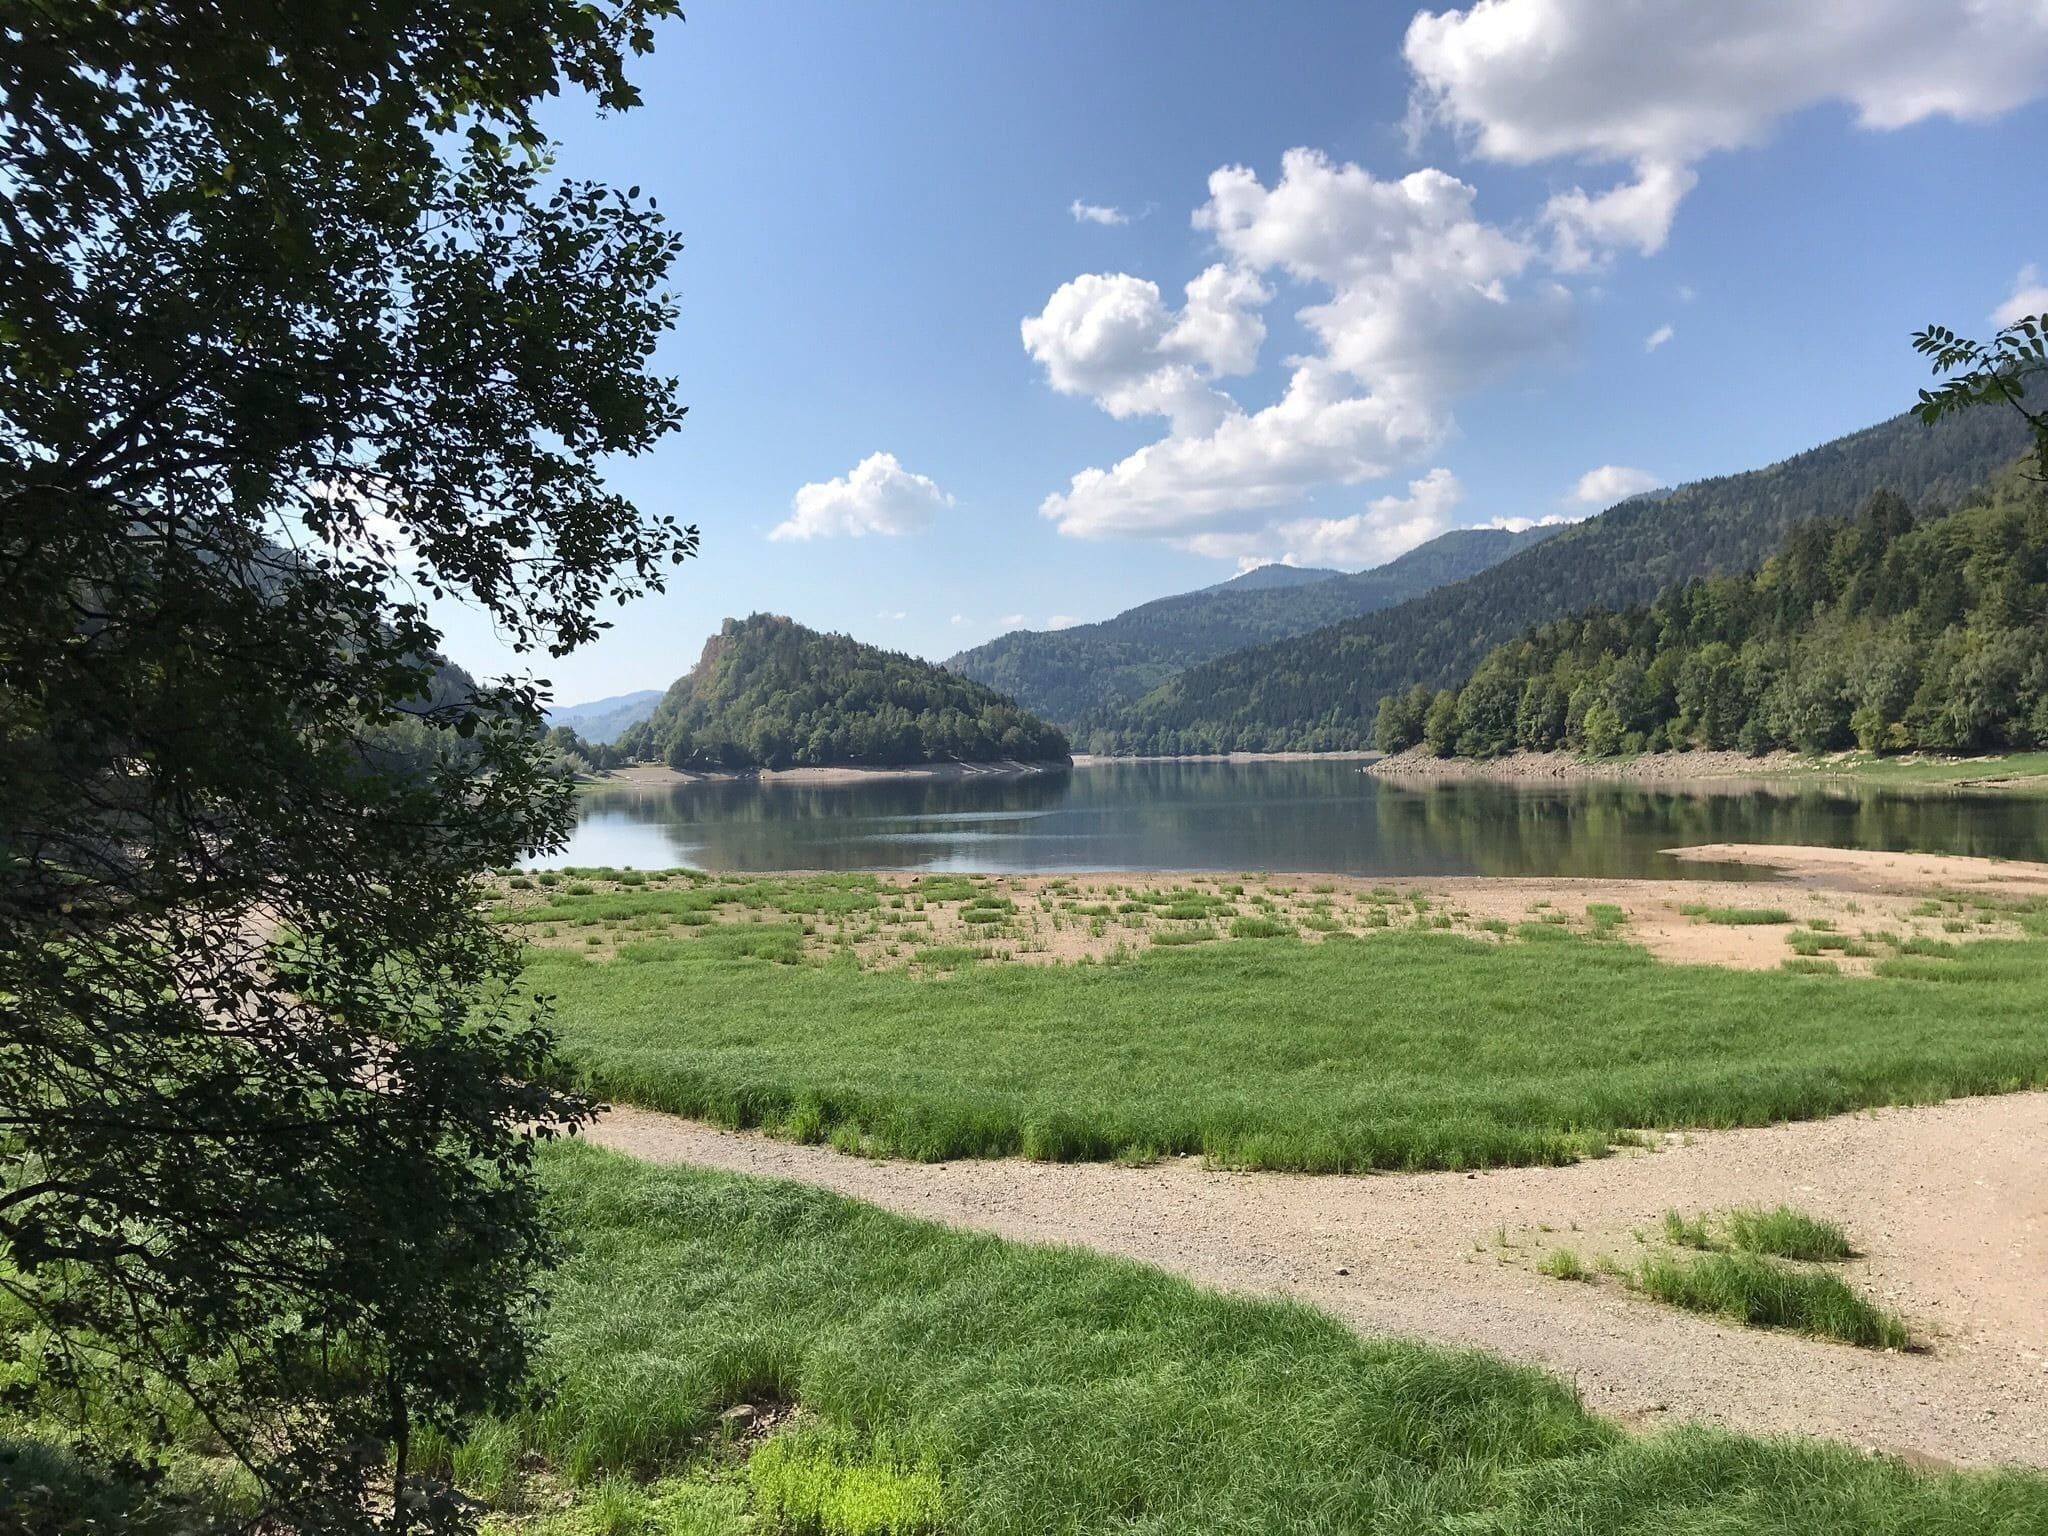 Randonnée Vosges : Le lac de Kruth-Wildenstein